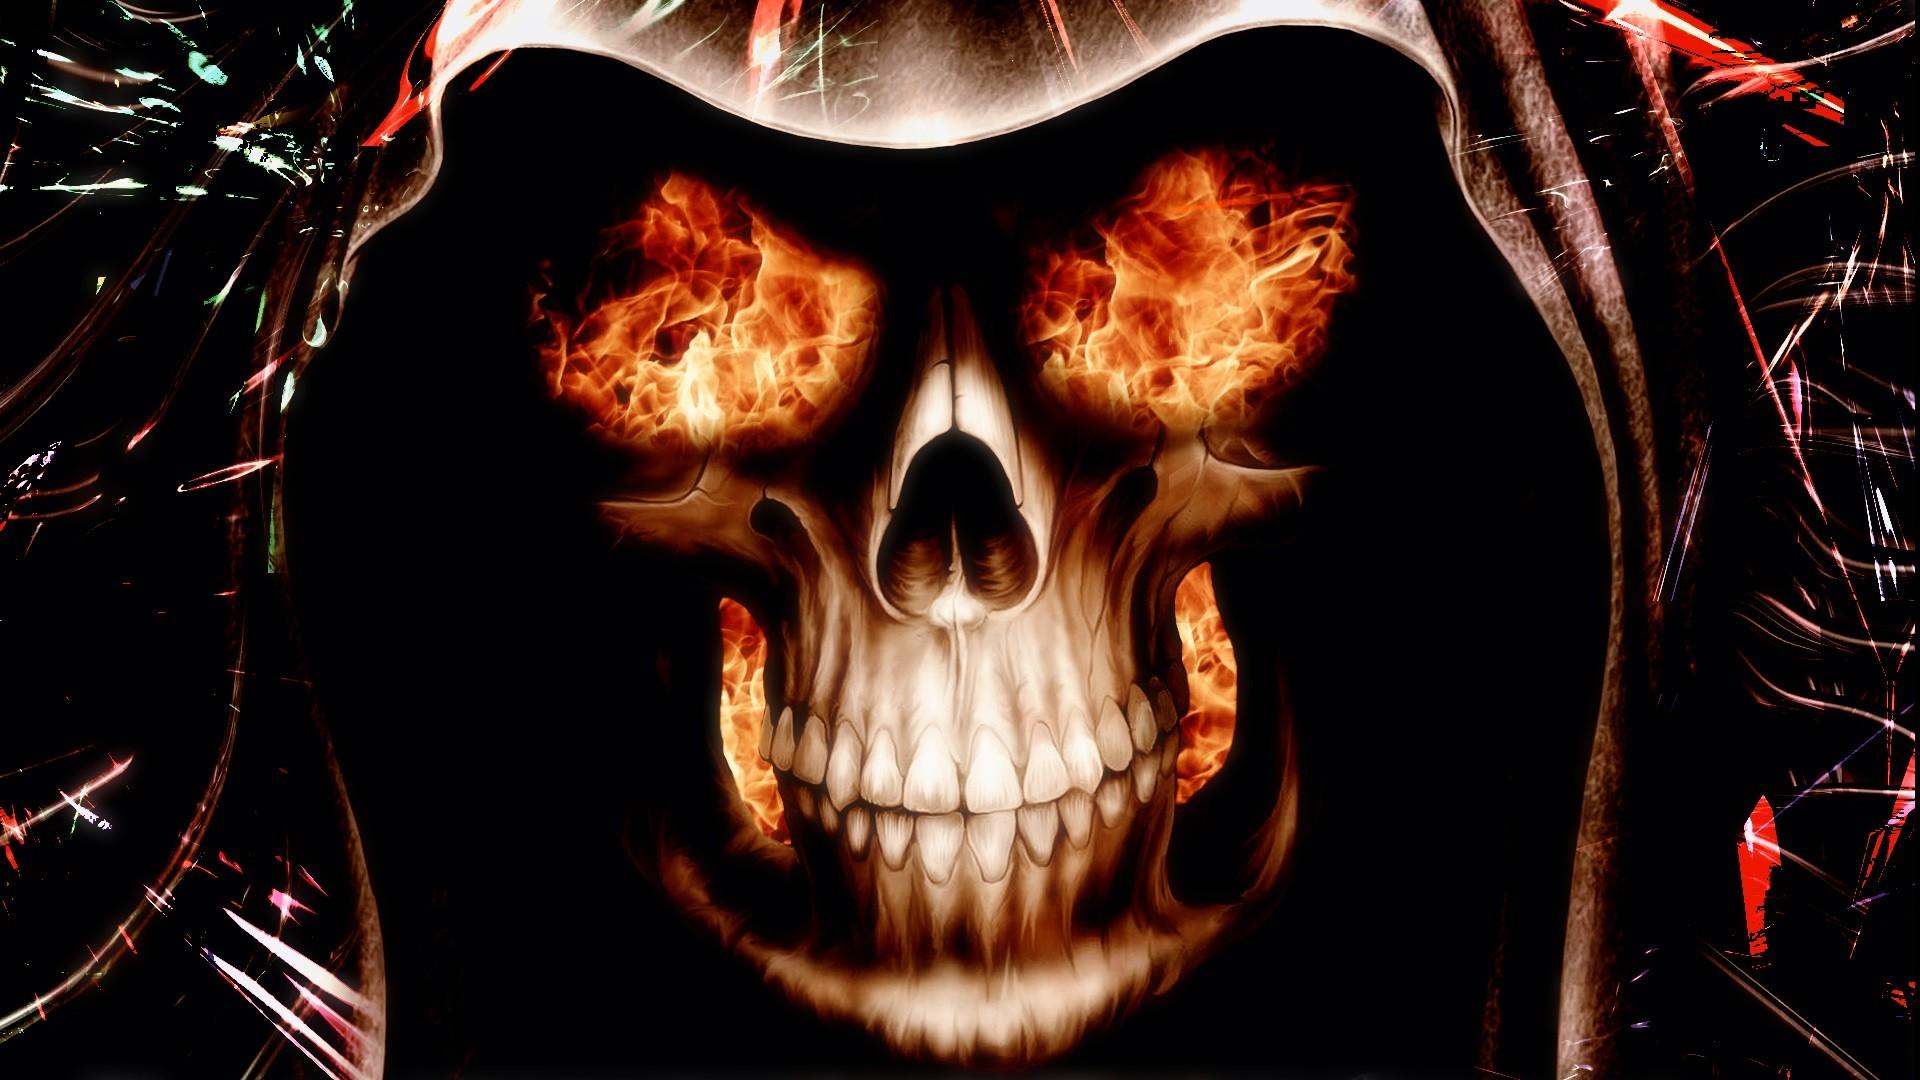 фото череп в огне